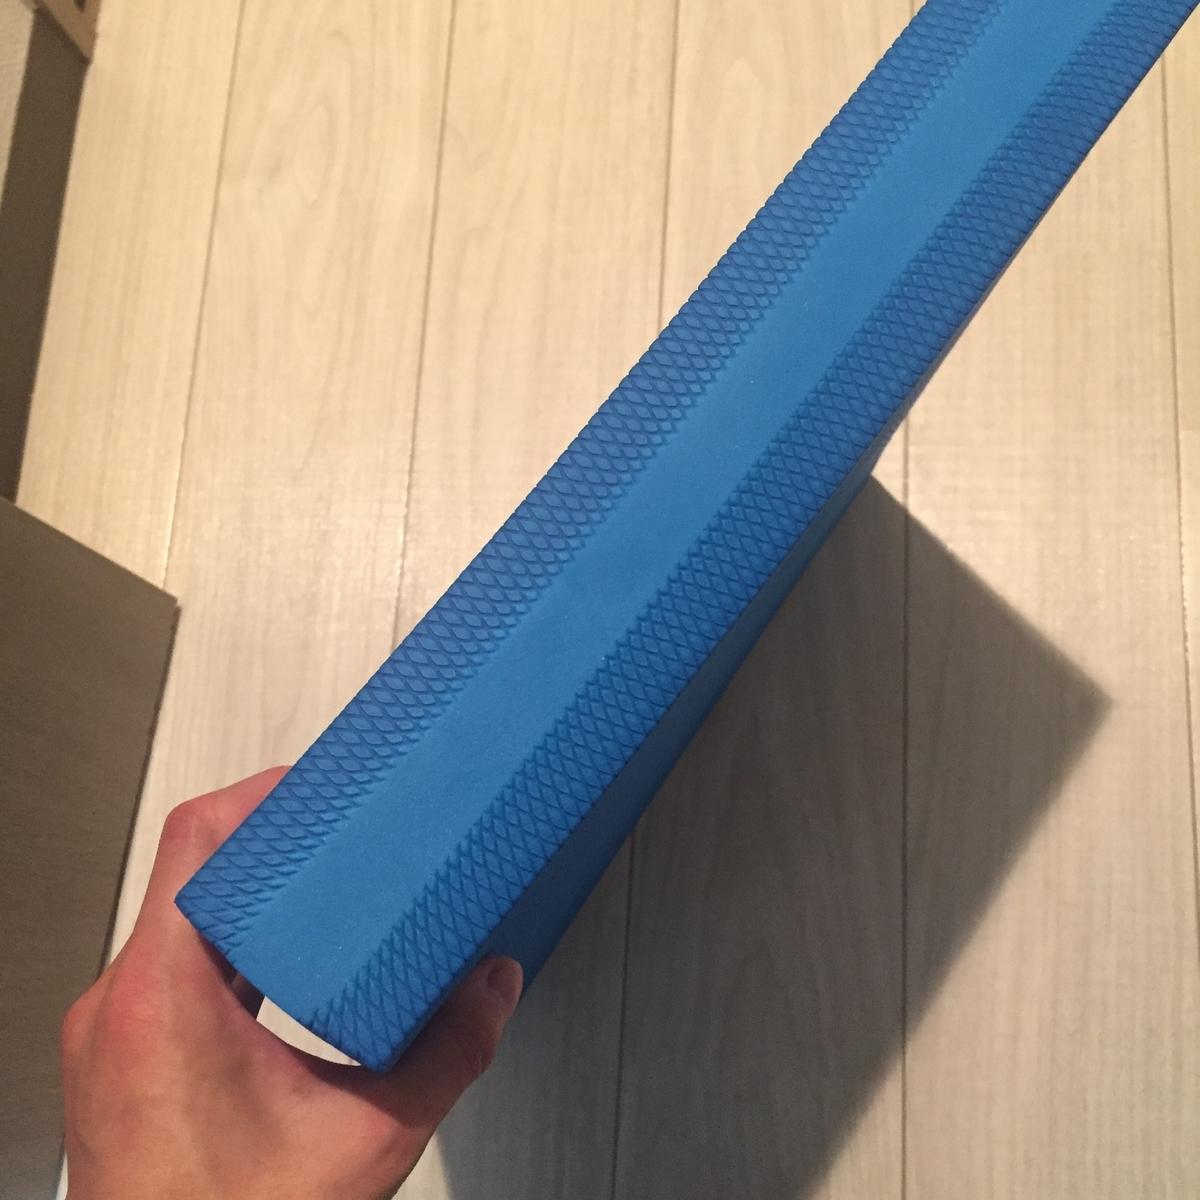 バランスパッド バランスボード 体感 体幹 トレーニング 筋トレ ヨガ エクササイズ